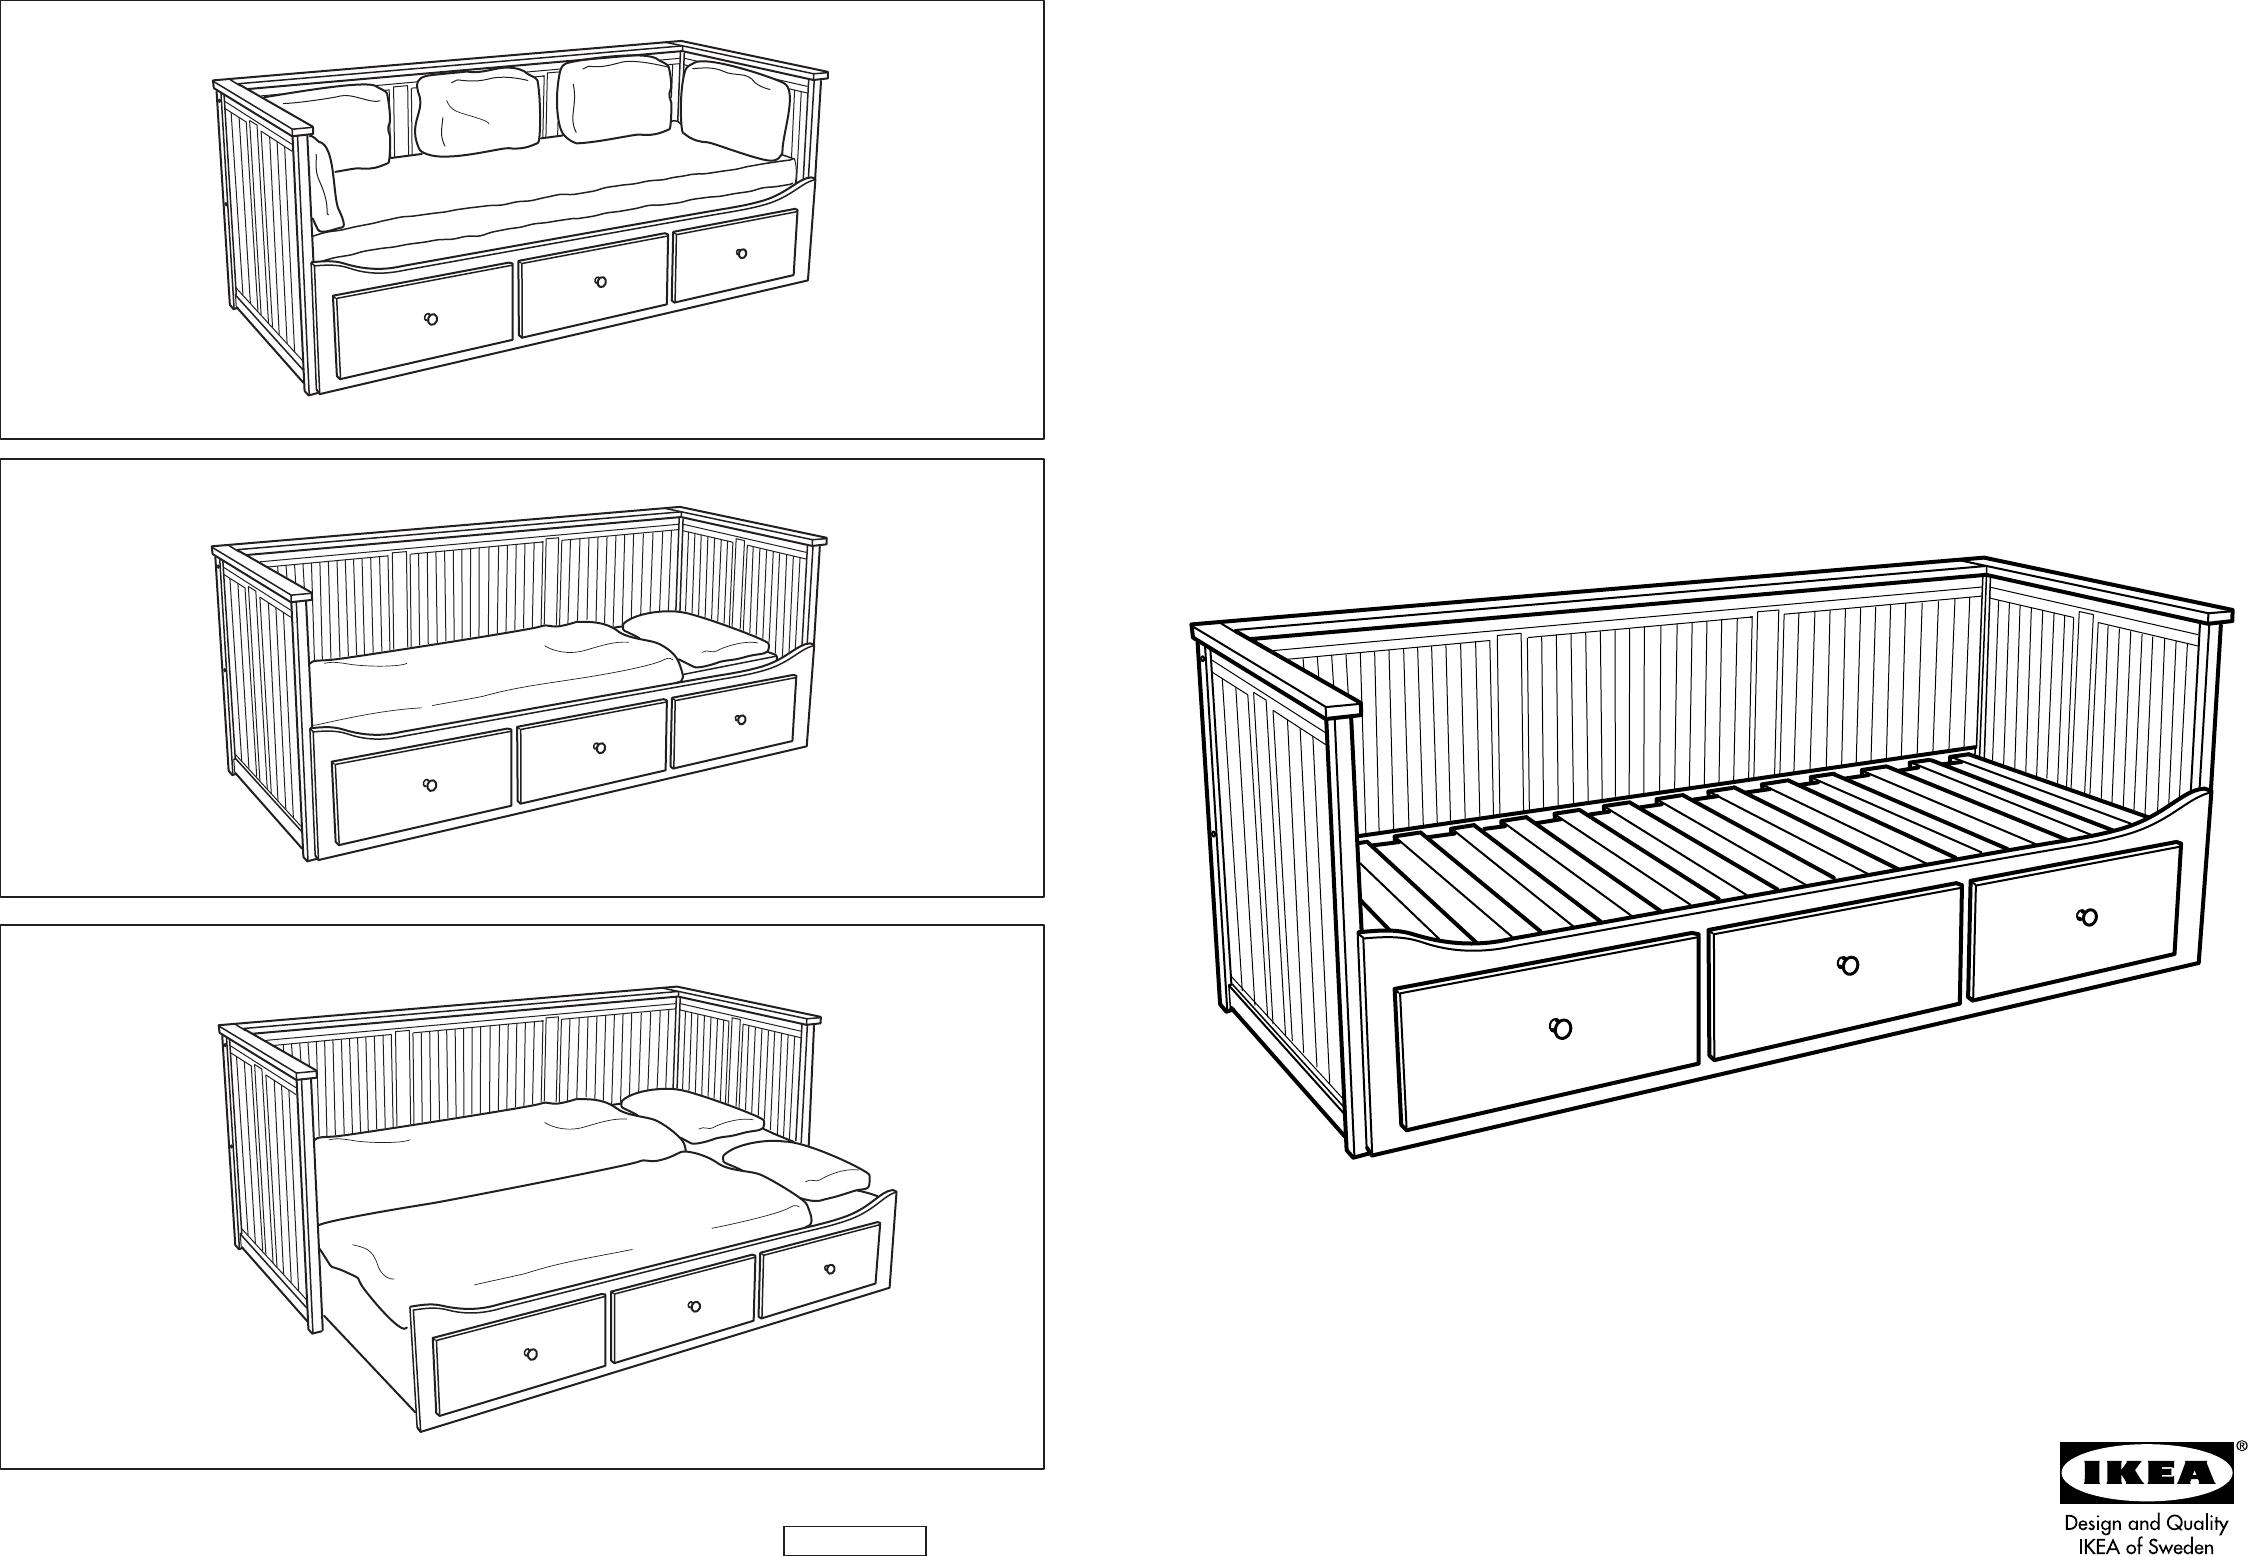 Zetelbed 2 Personen Ikea.Handleiding Ikea Hemnes Bedbank Pagina 1 Van 12 Dansk Deutsch